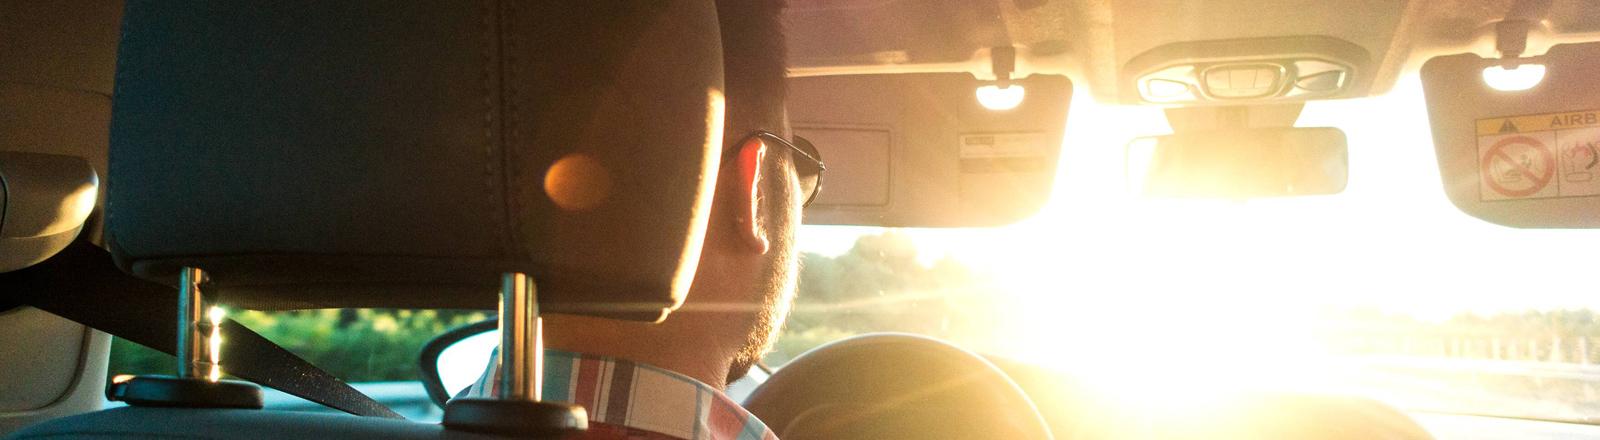 Autofahren, Mann, der im Auto sitzt